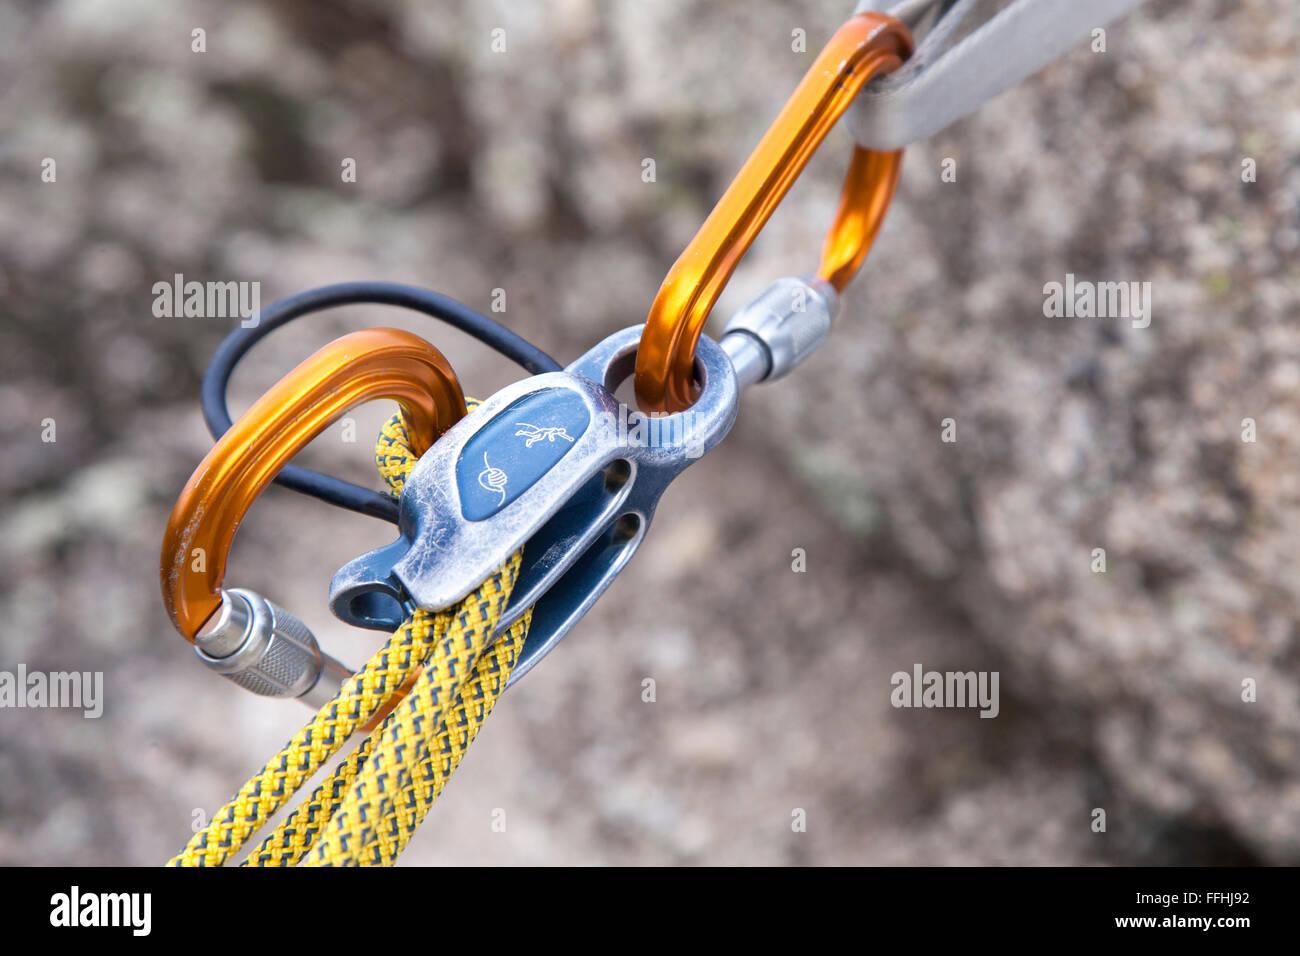 Belay dispositivo cerca. Un belay dispositivo mecánico es un pedazo de equipo de escalada utilizado para controlar una cuerda durante el aseguramiento. Foto de stock